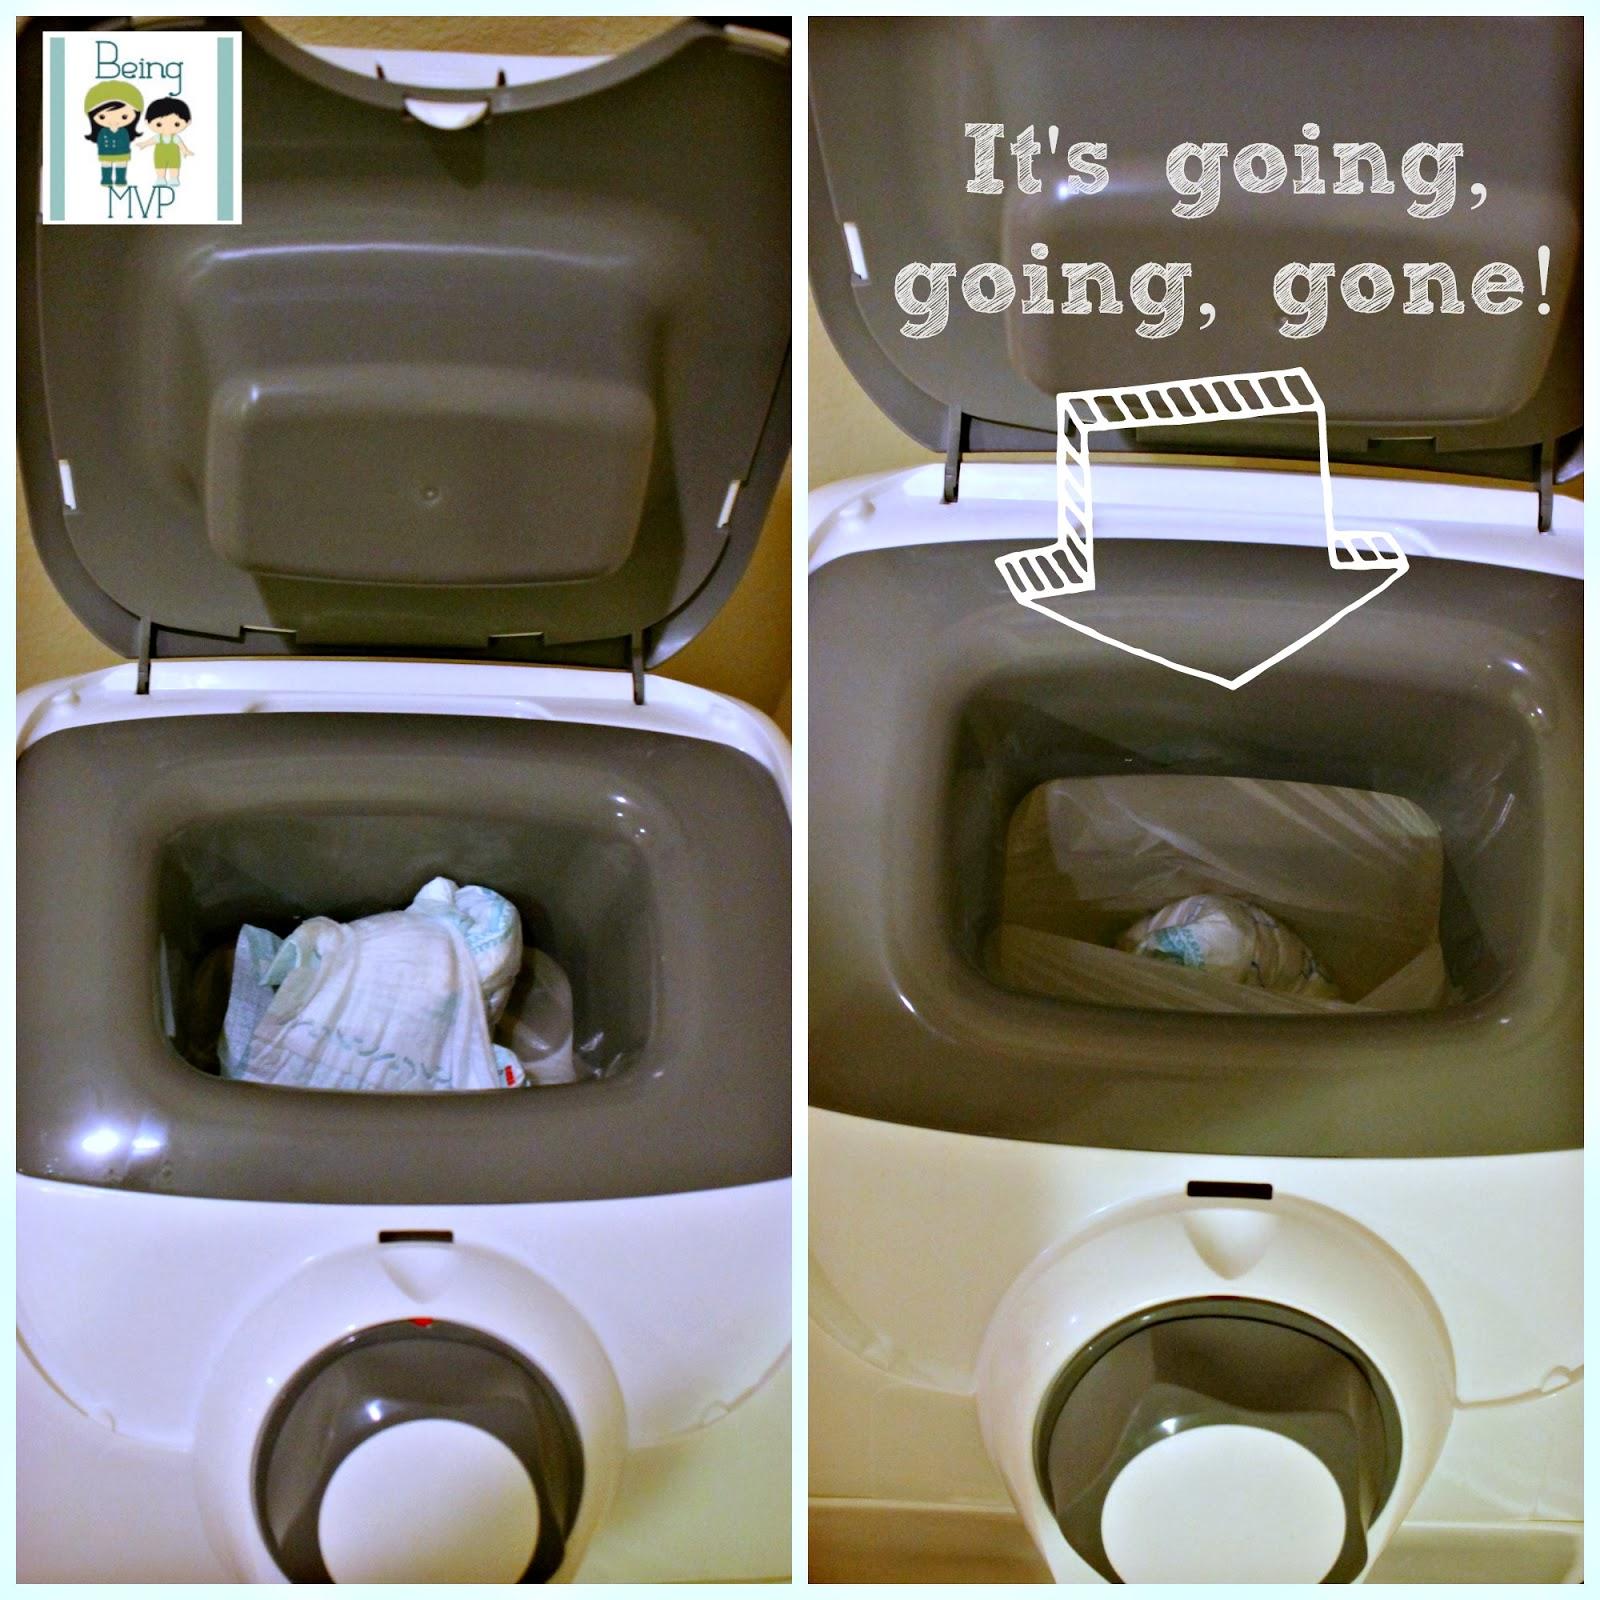 Being Mvp Tommee Tippee 360 186 Sealer Diaper Disposal